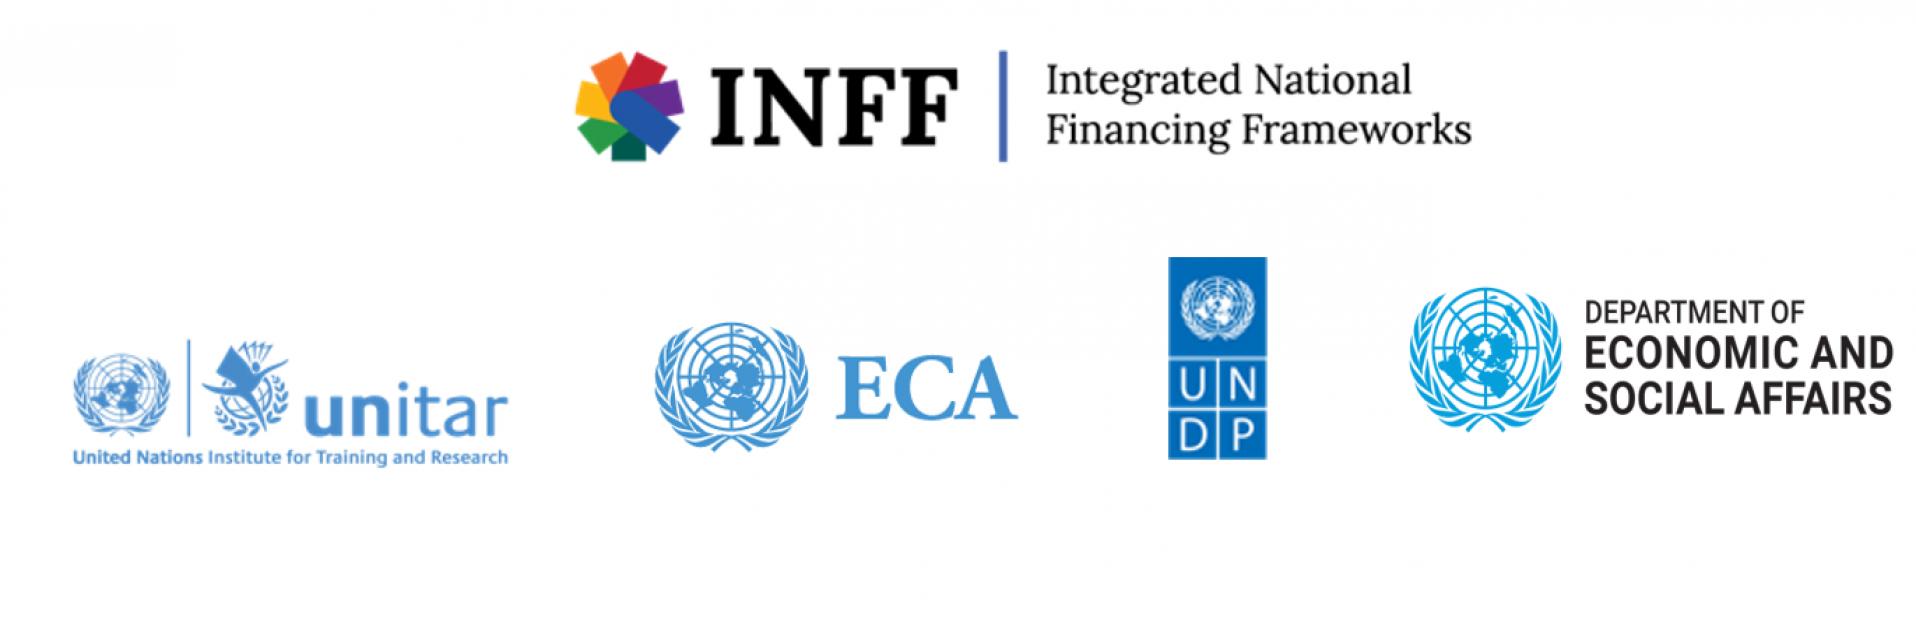 Workshop on integrated national financing frameworks in Africa